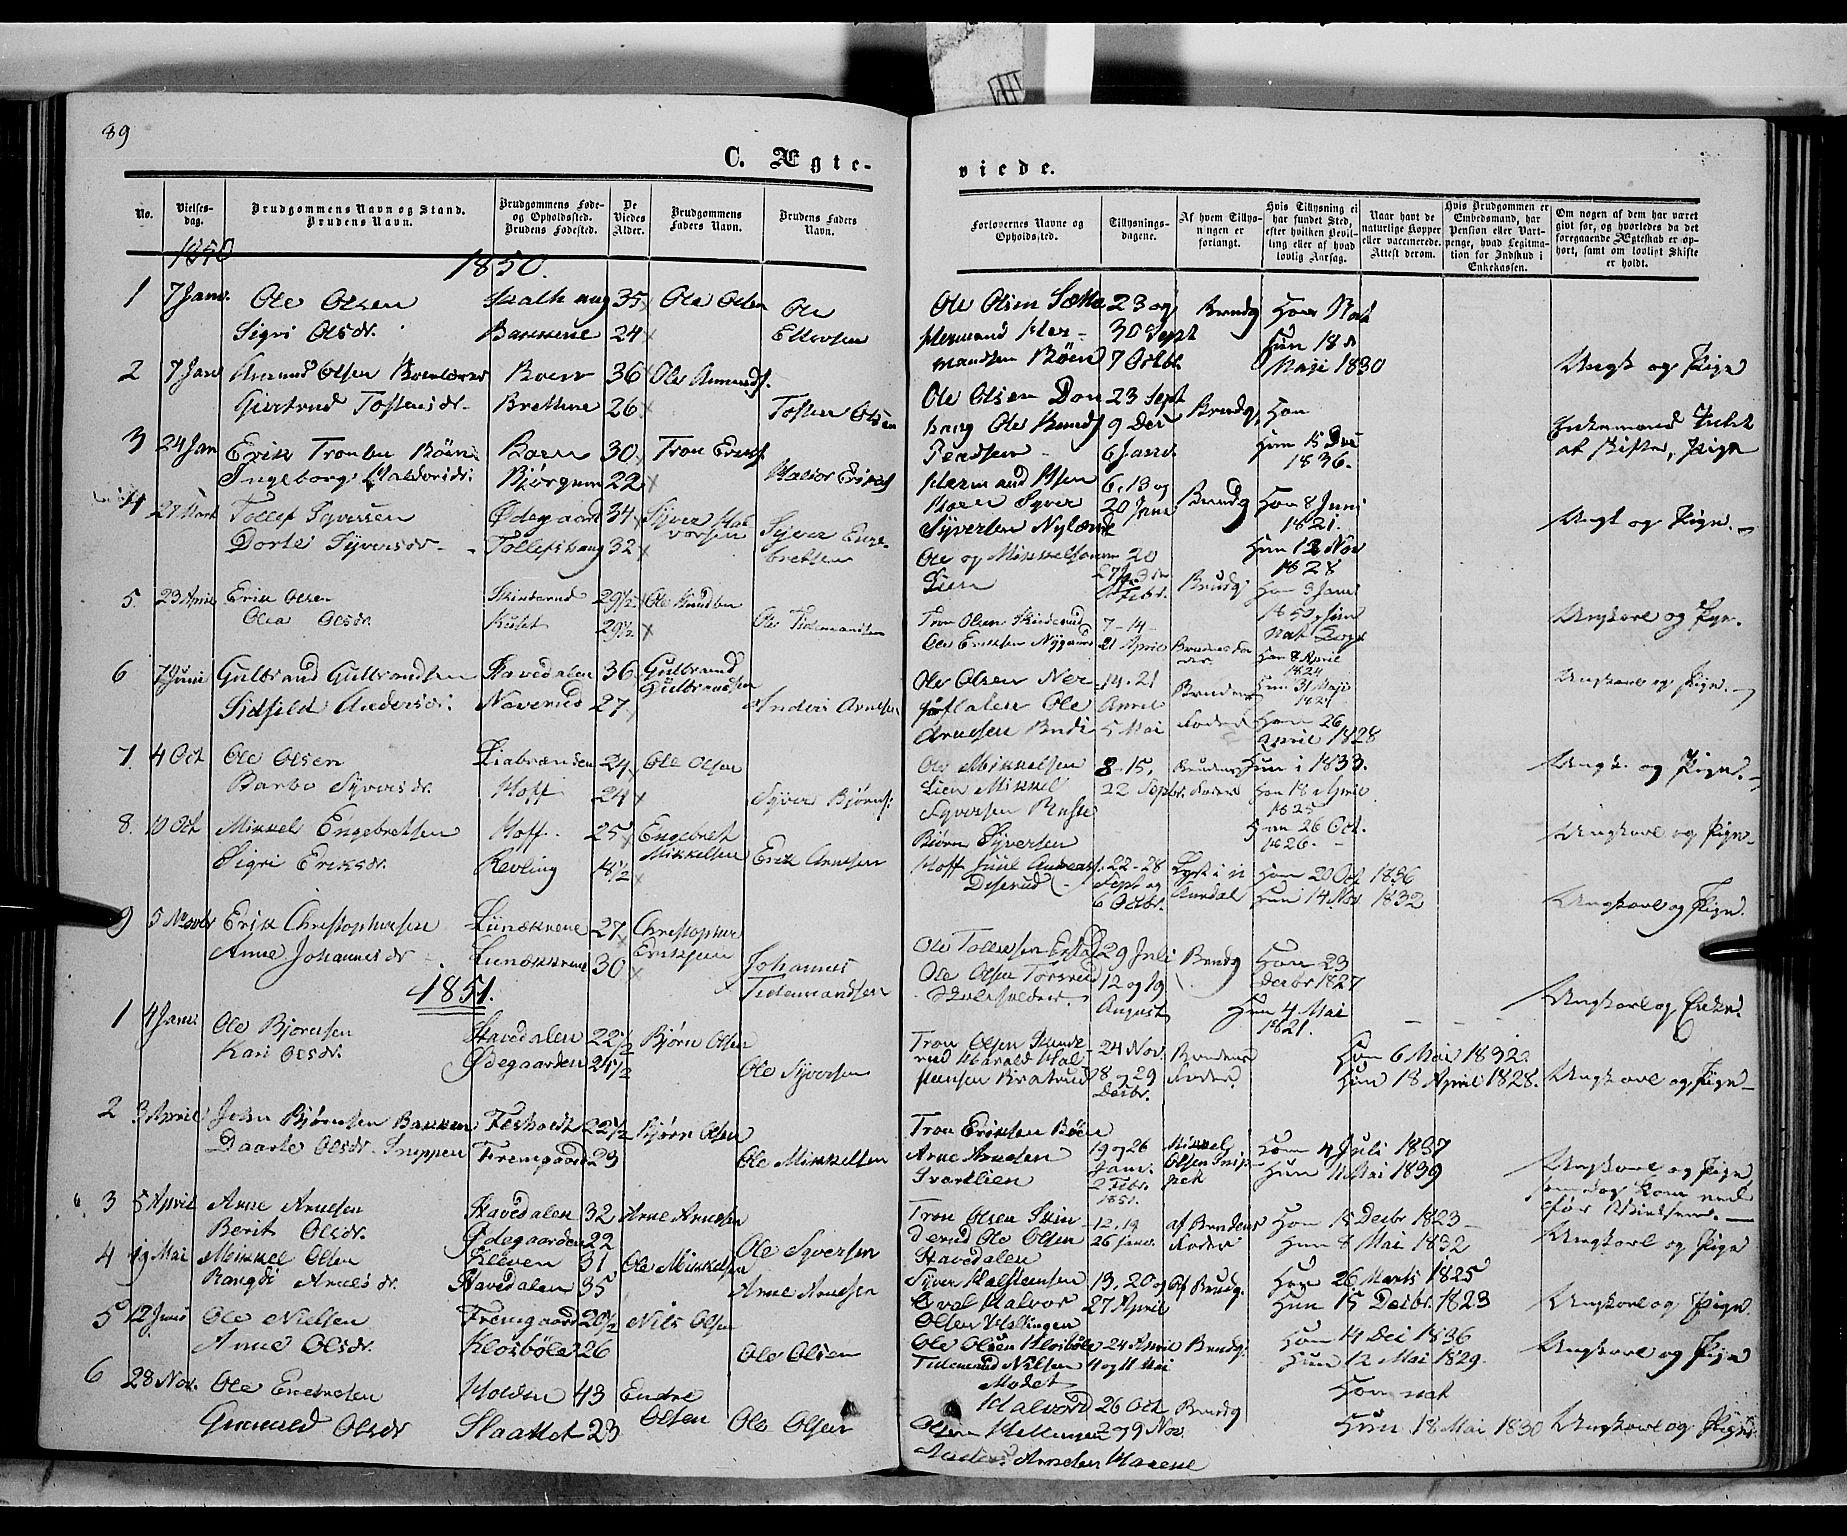 SAH, Sør-Aurdal prestekontor, Ministerialbok nr. 6, 1849-1876, s. 89